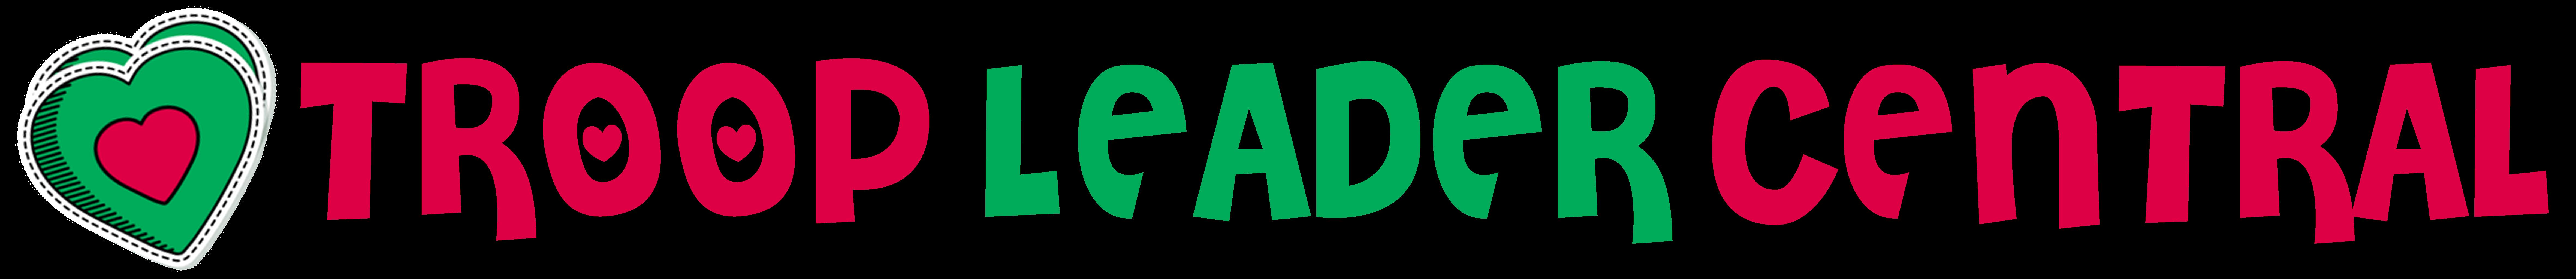 Troop Leader Central Logo